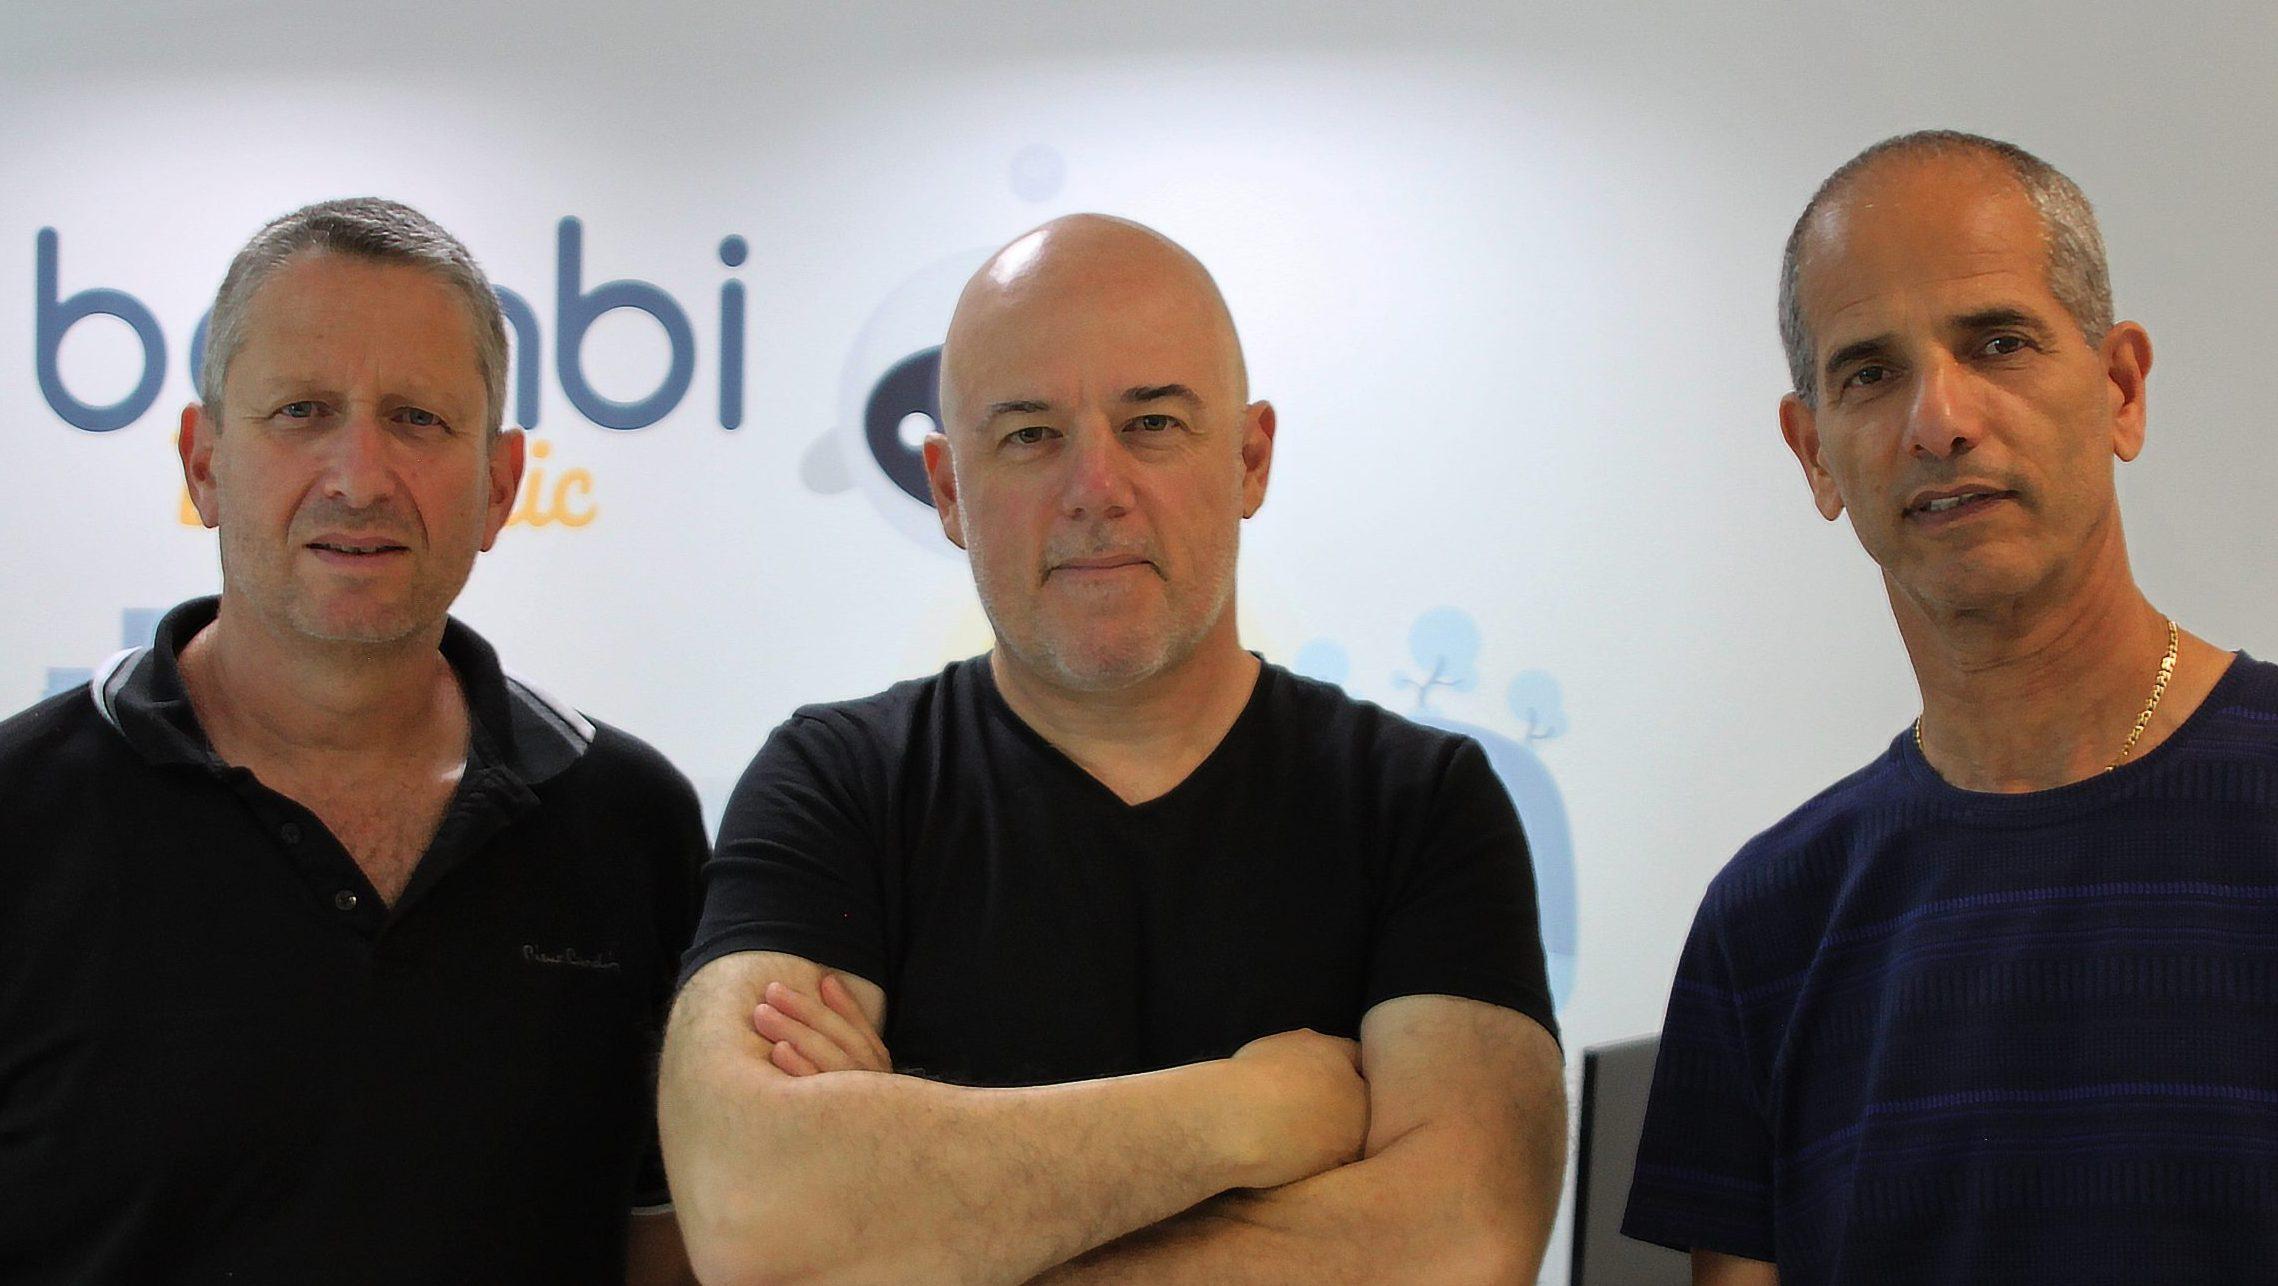 חברת ה-INSURTECH במבי דיינמיק השלימה סבב גיוס של 6 מיליון דולר בהובלת MS&AD Ventures